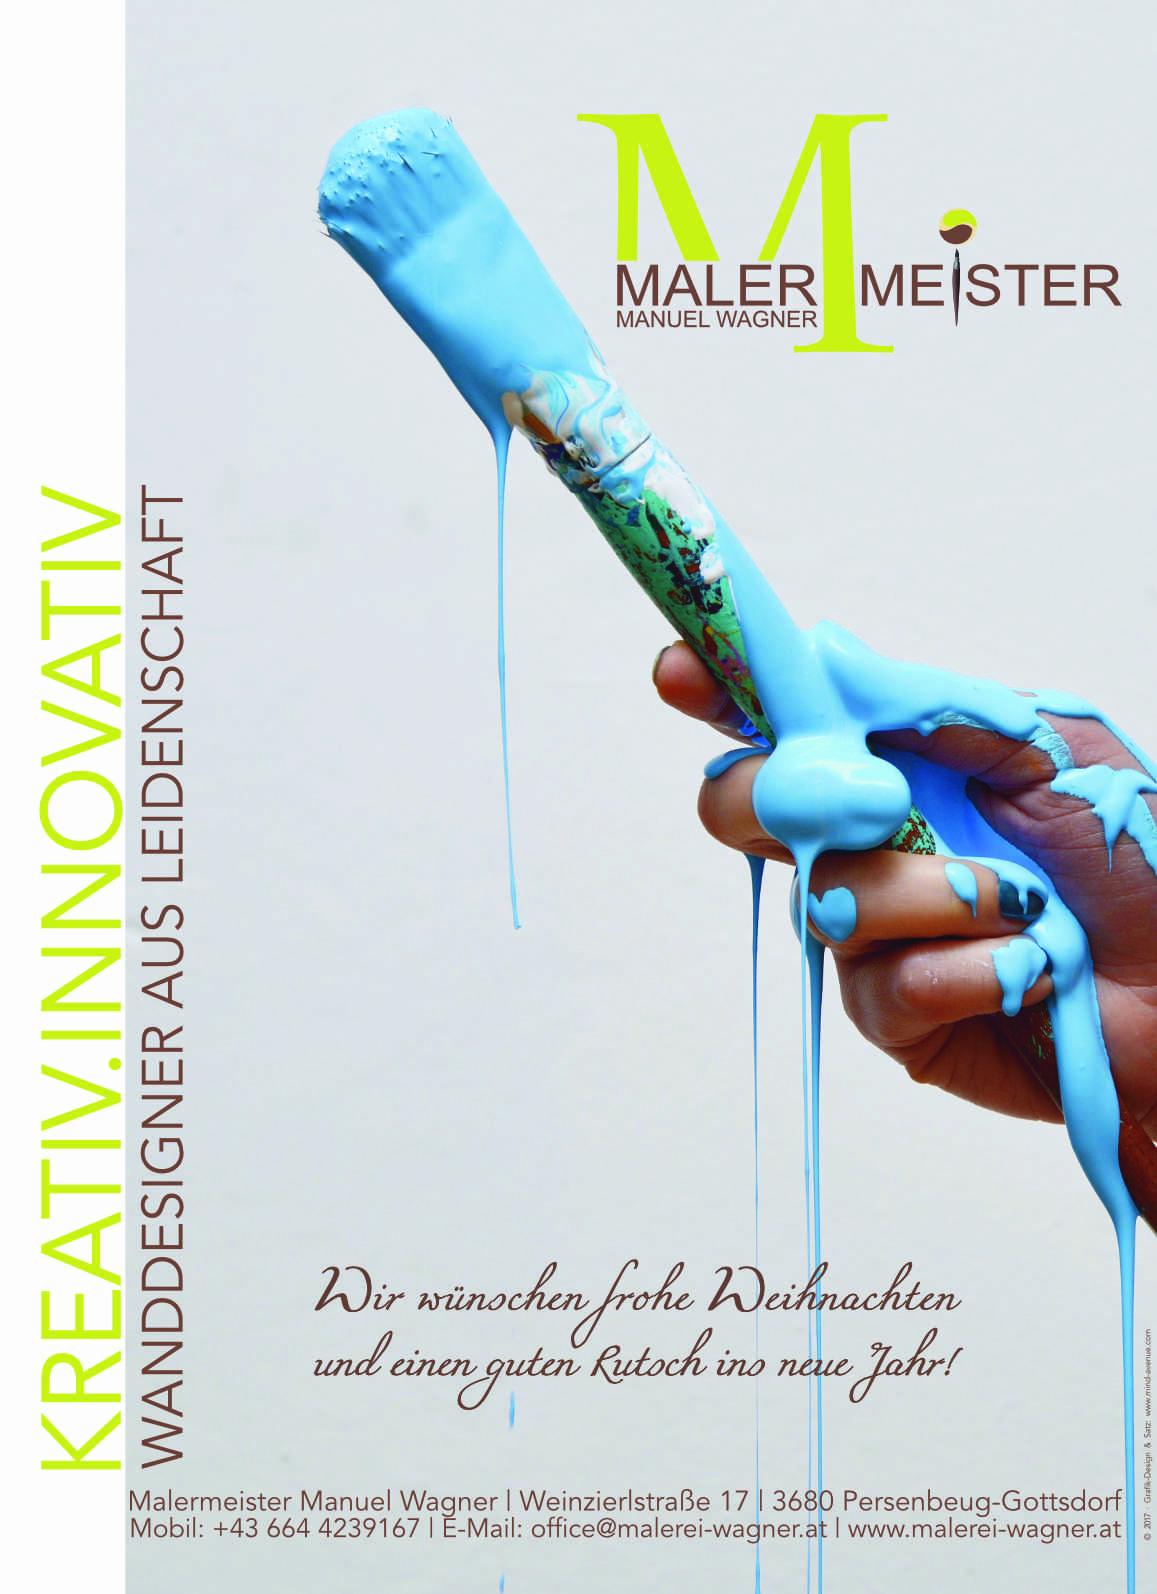 Anzeige - Malermeister Manuel Wagner für Gemeindezeitung (Weihnachtsausgabe)